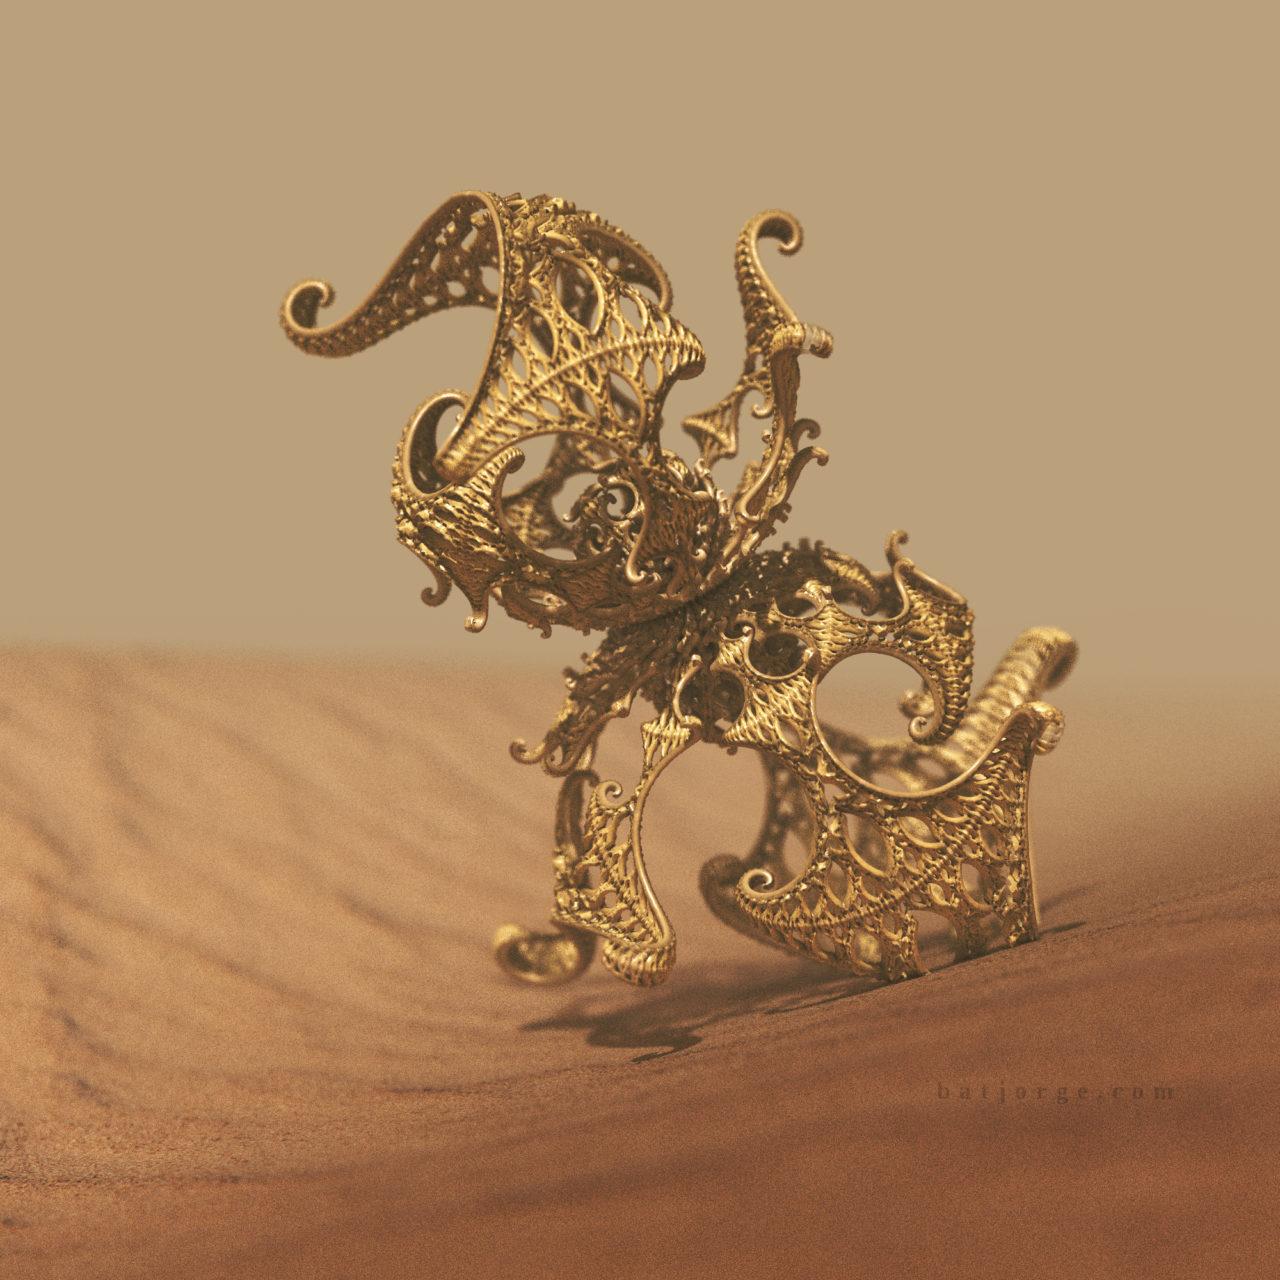 3d fractal. kleinian on desert. mandelbulber